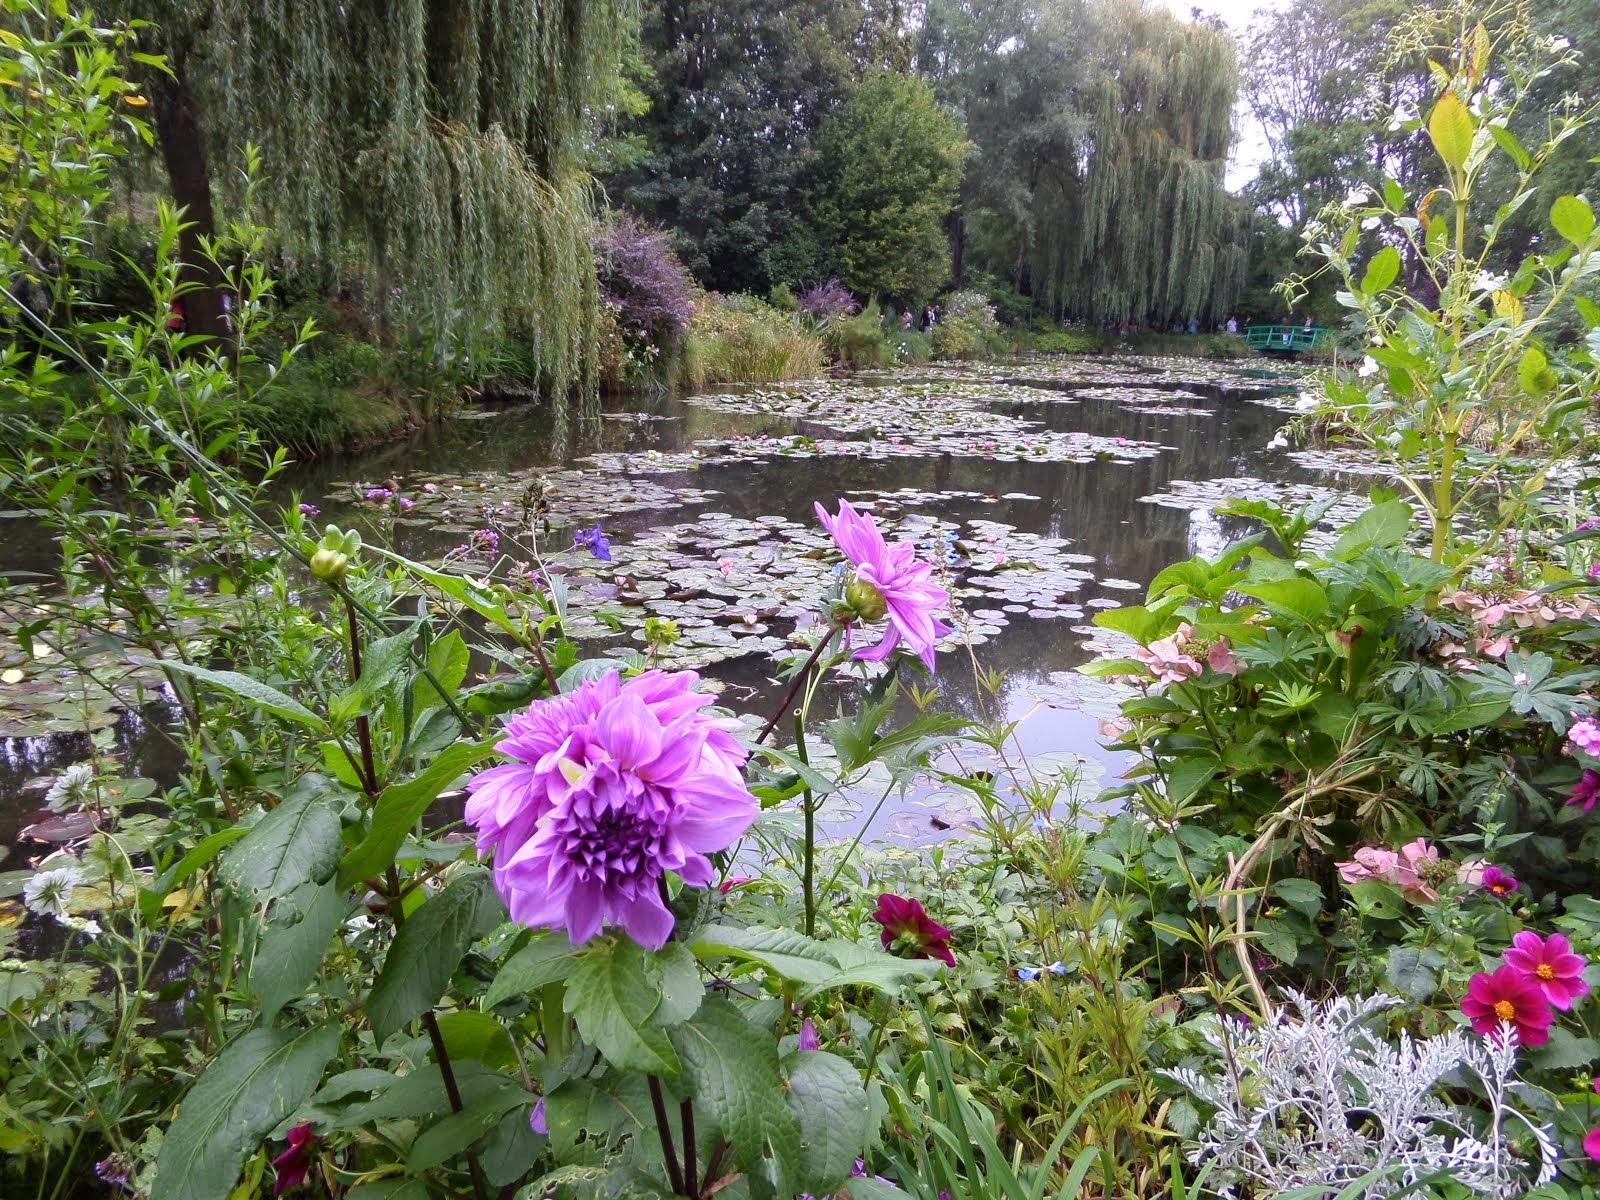 【風景を歩く】モネの「睡蓮の庭」からノルマンディの「古戦場」へ